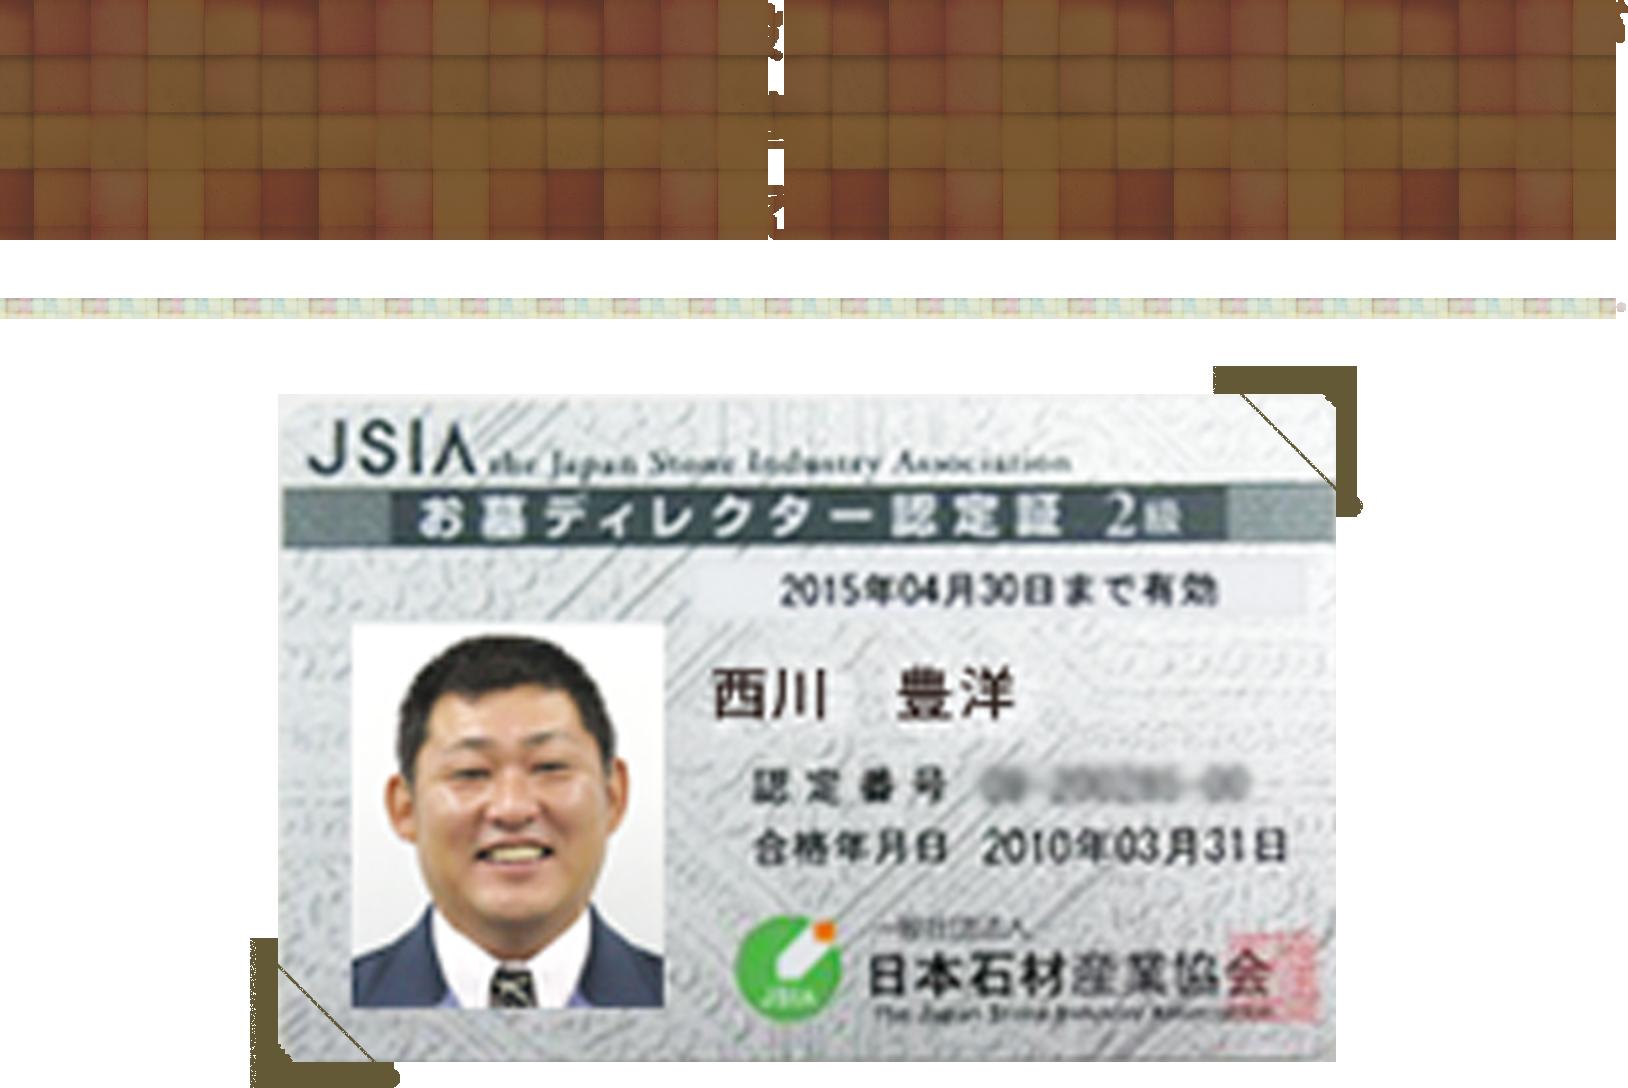 「お墓ディレクター」とは一般社団法人 日本石材産業協会が認定する資格で、お墓に関する幅広い知識と教養を兼ね備えた人のことです。